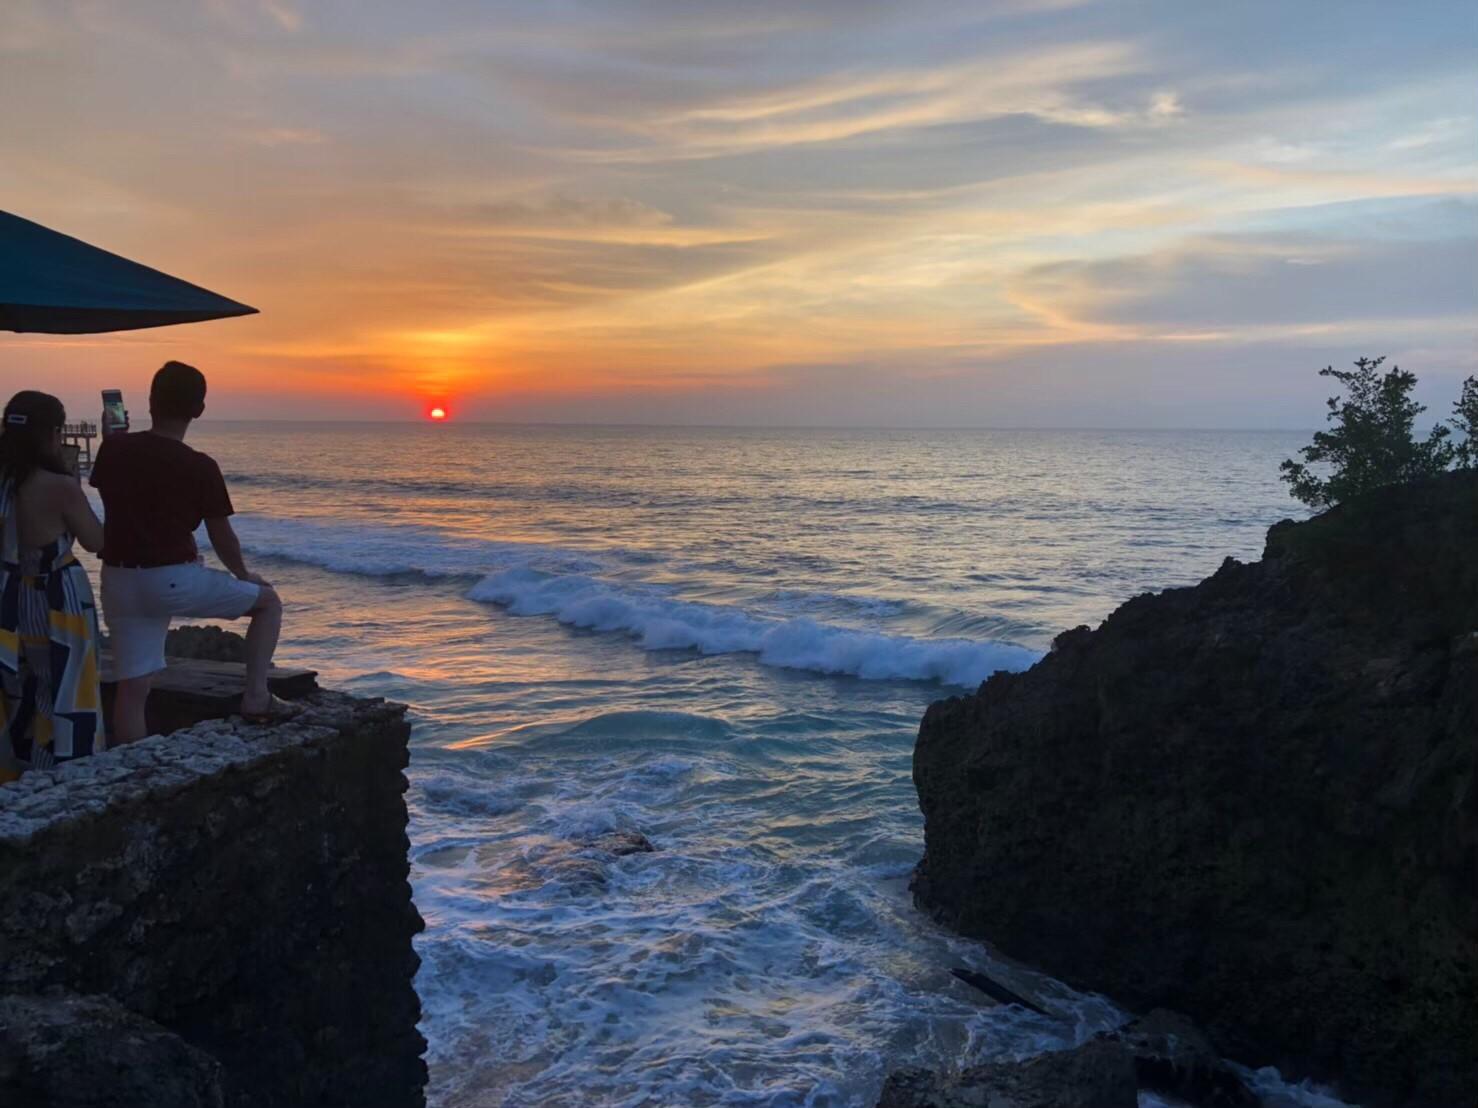 バリ島旅行記 ロックバー